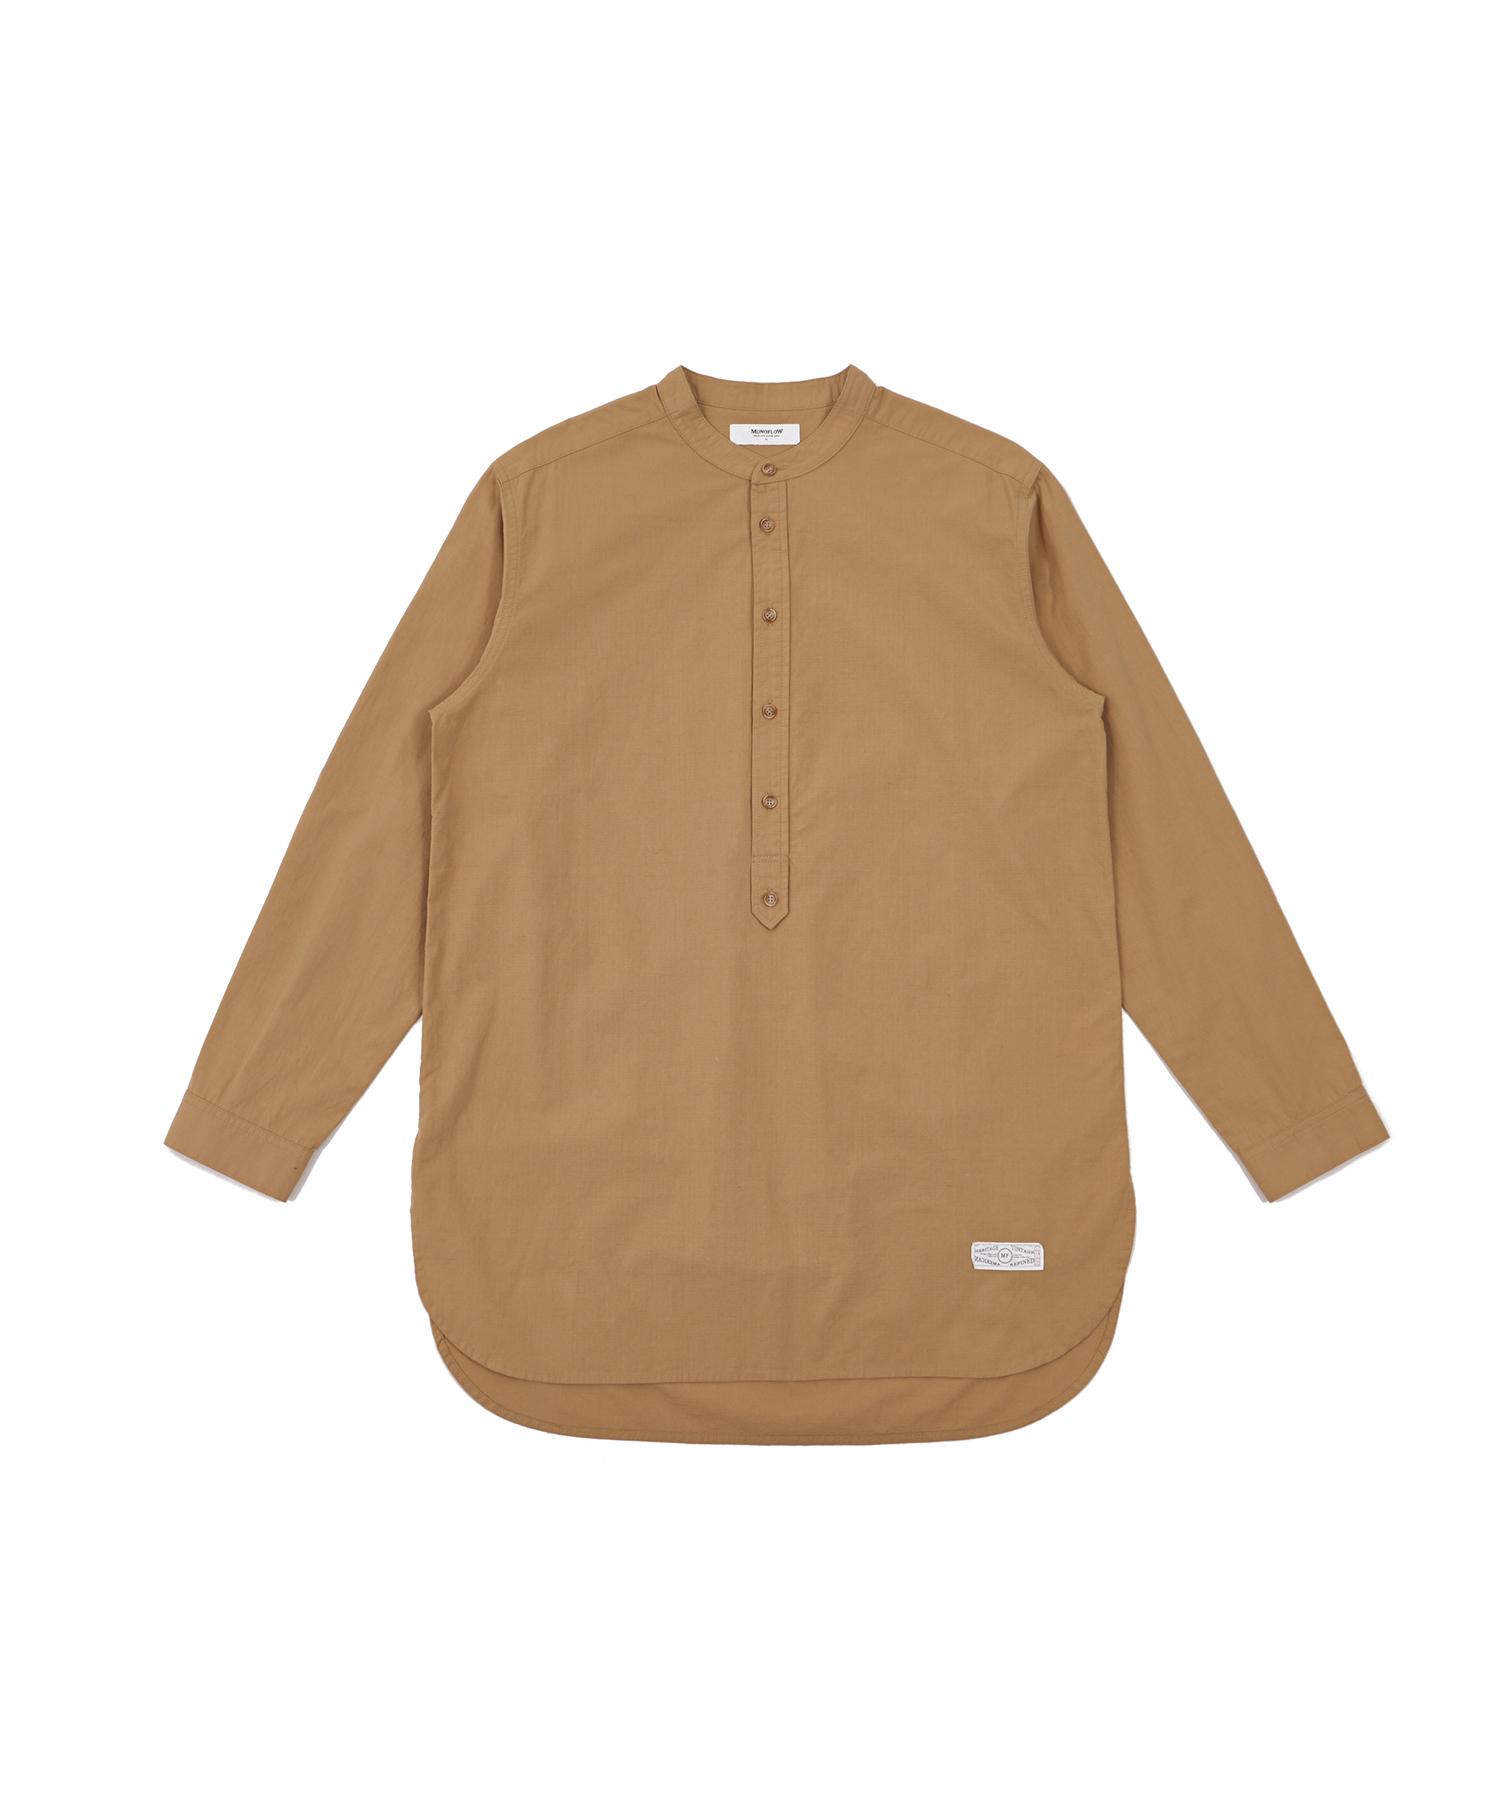 모노플로우 베이직 롱 헨리넥 셔츠